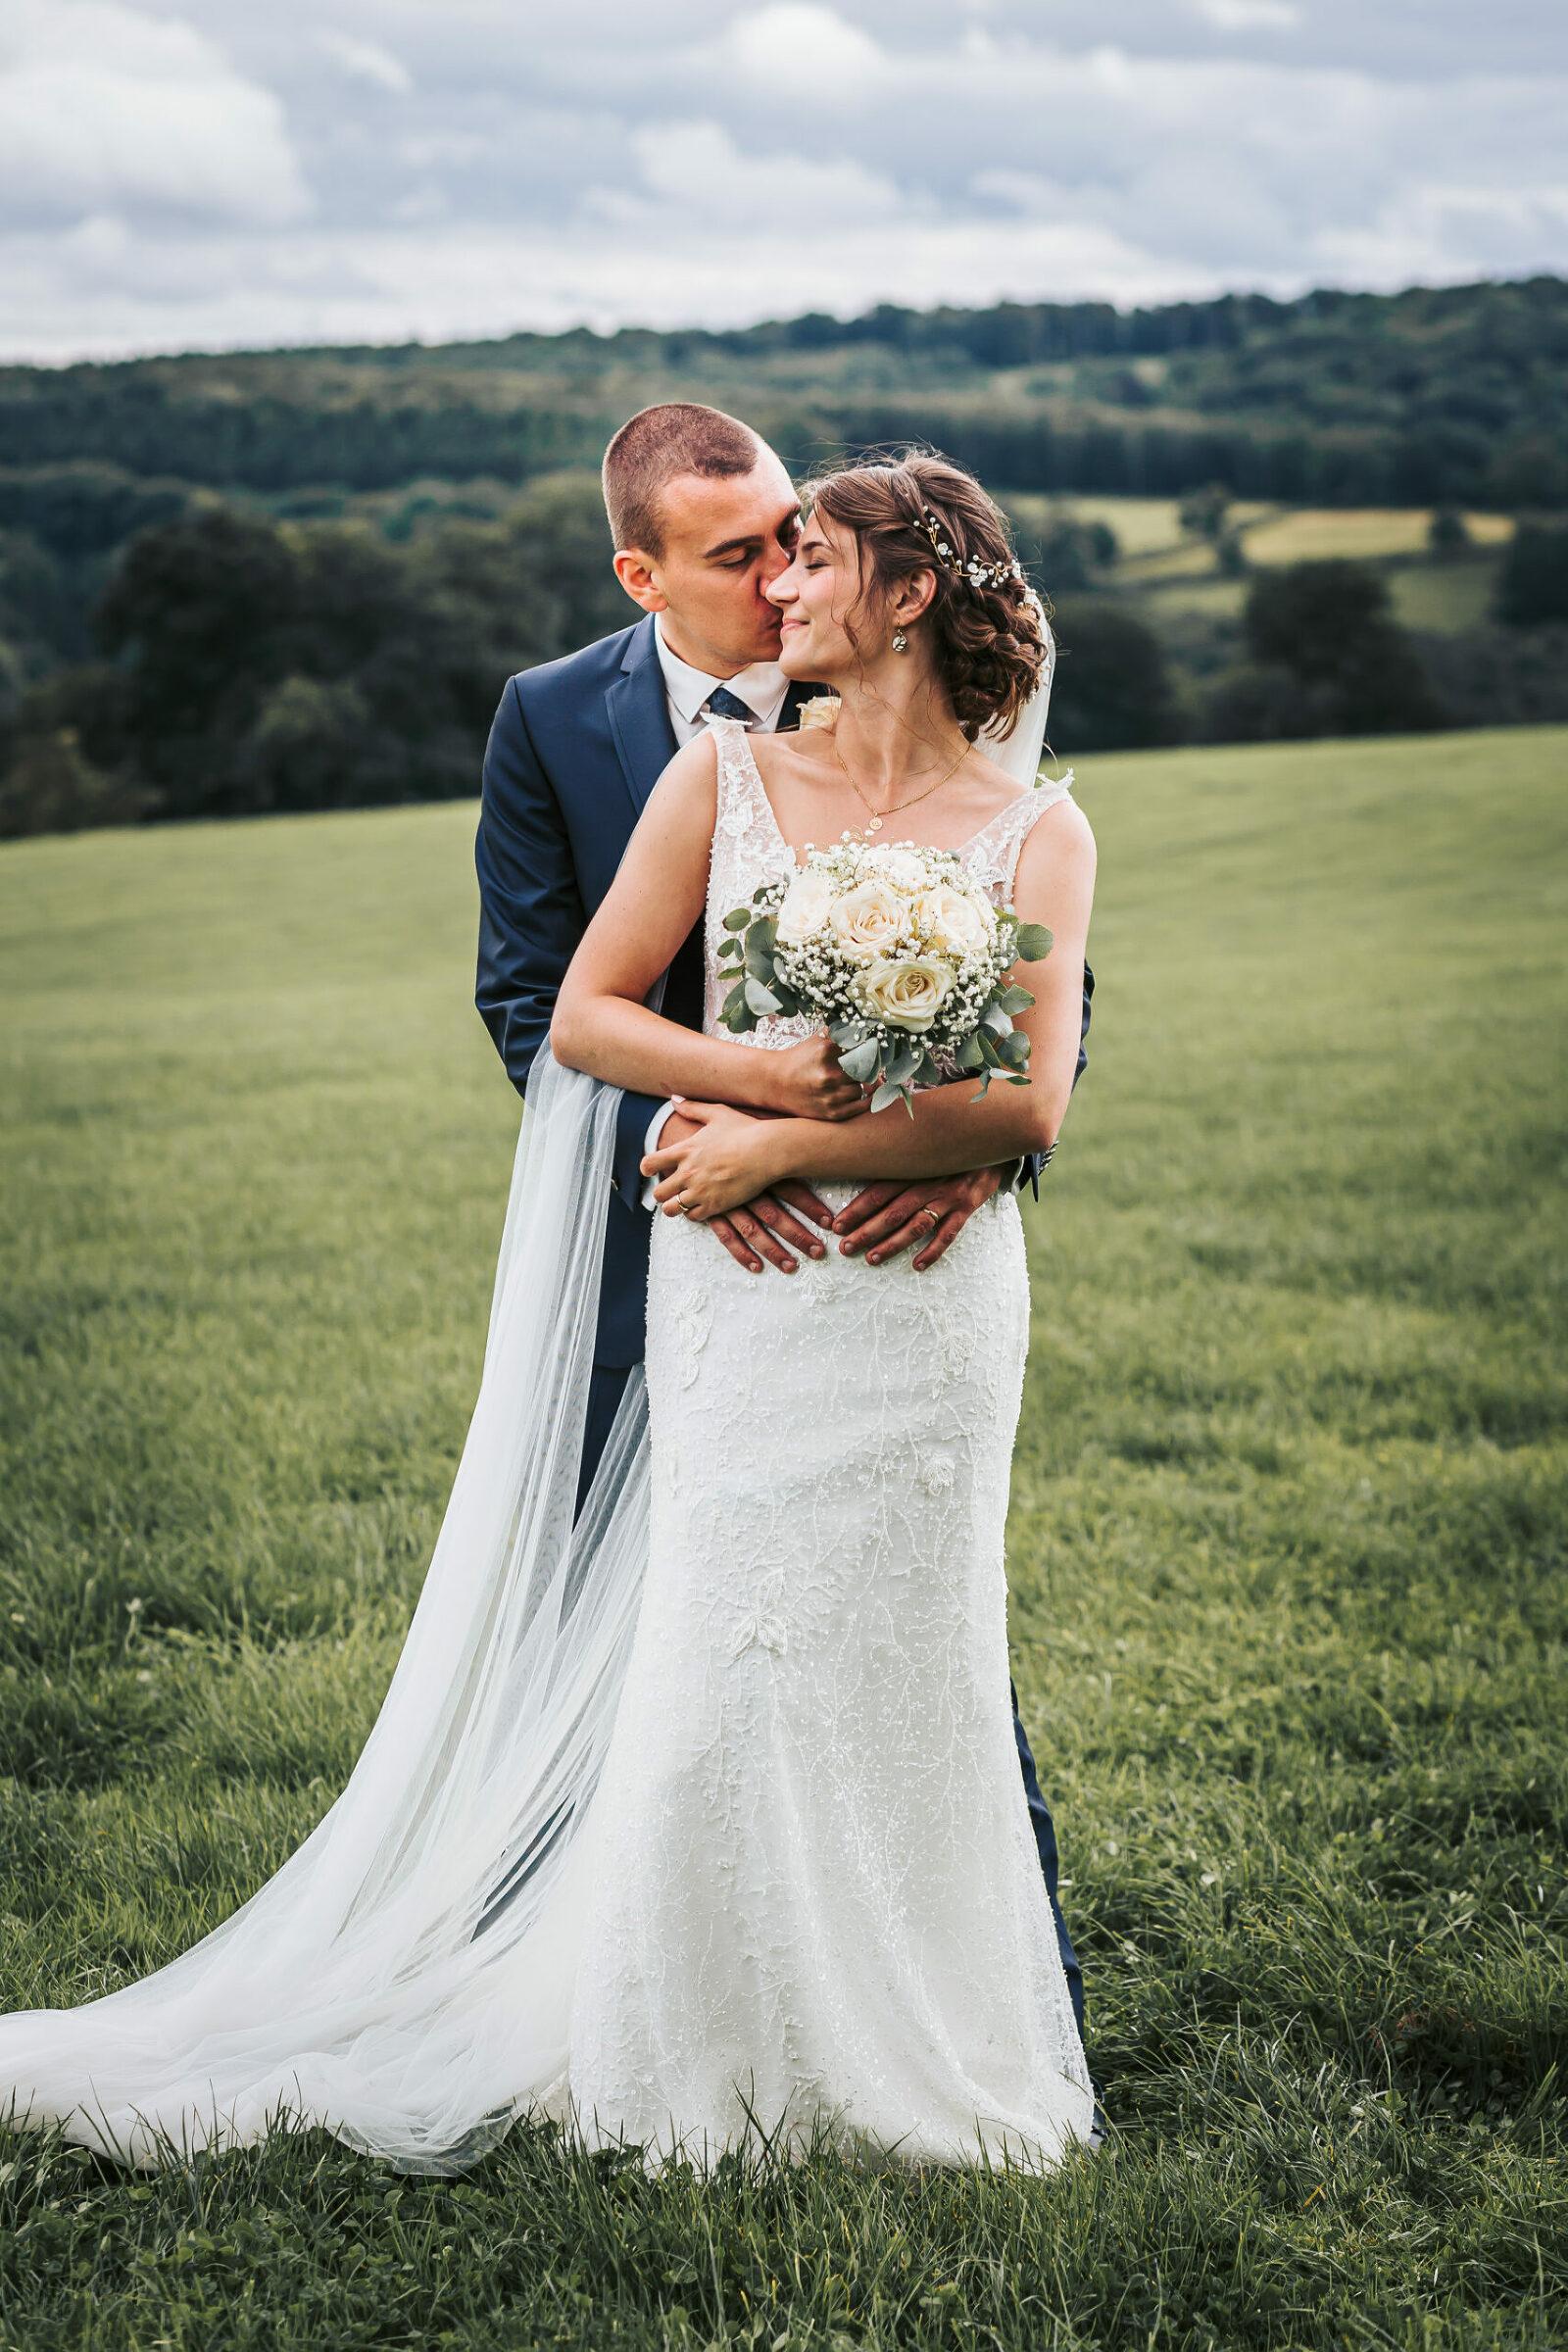 photographe mariage liège belgique